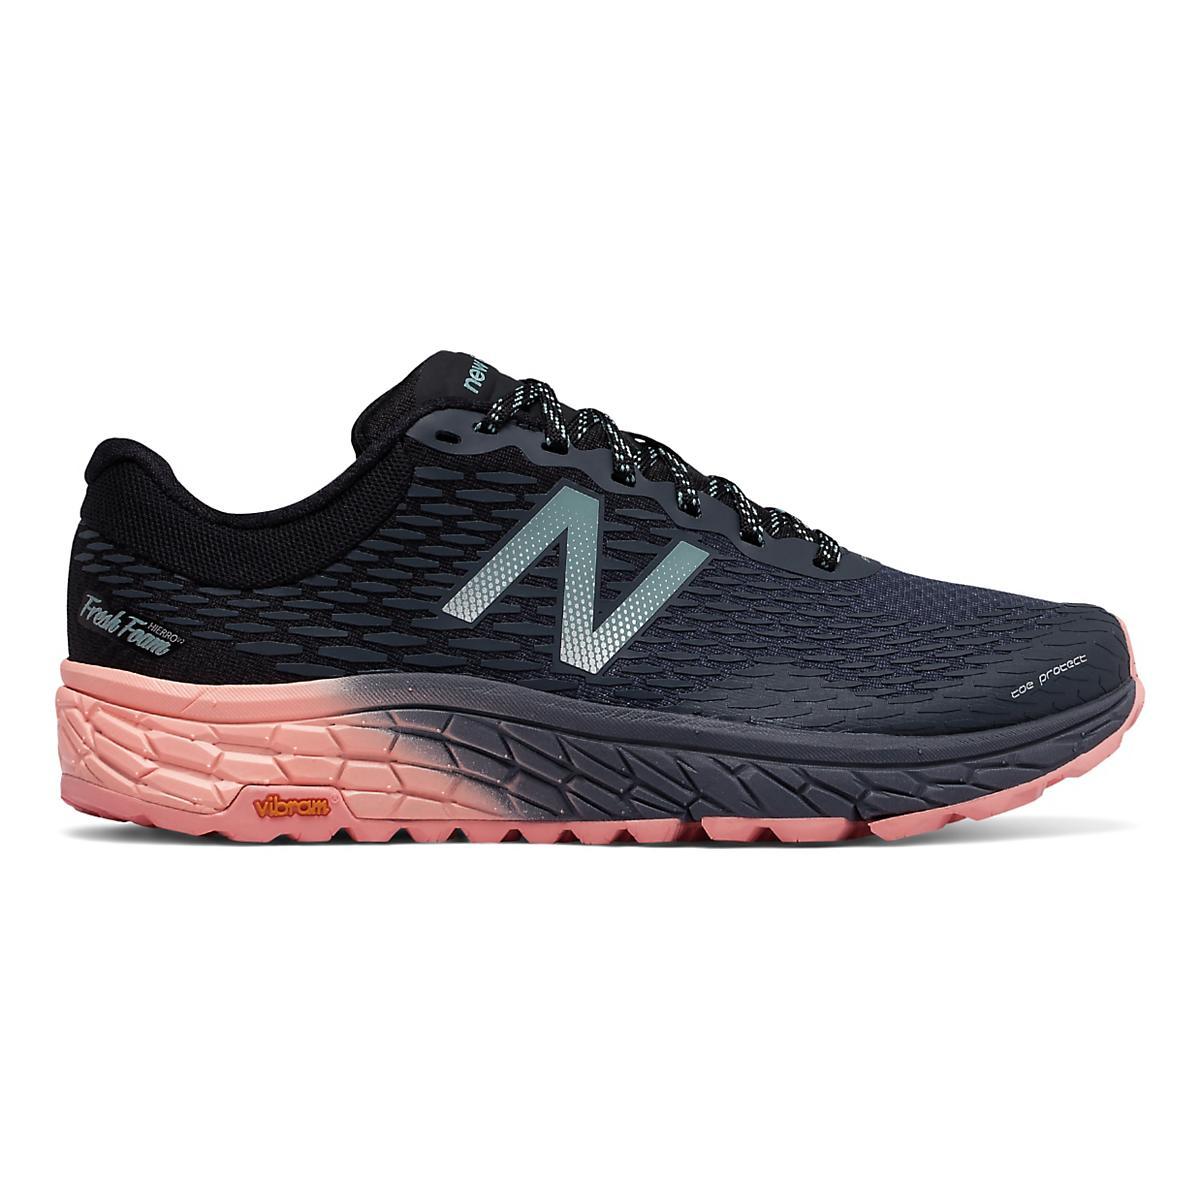 New Balance Womens Running Shoe V